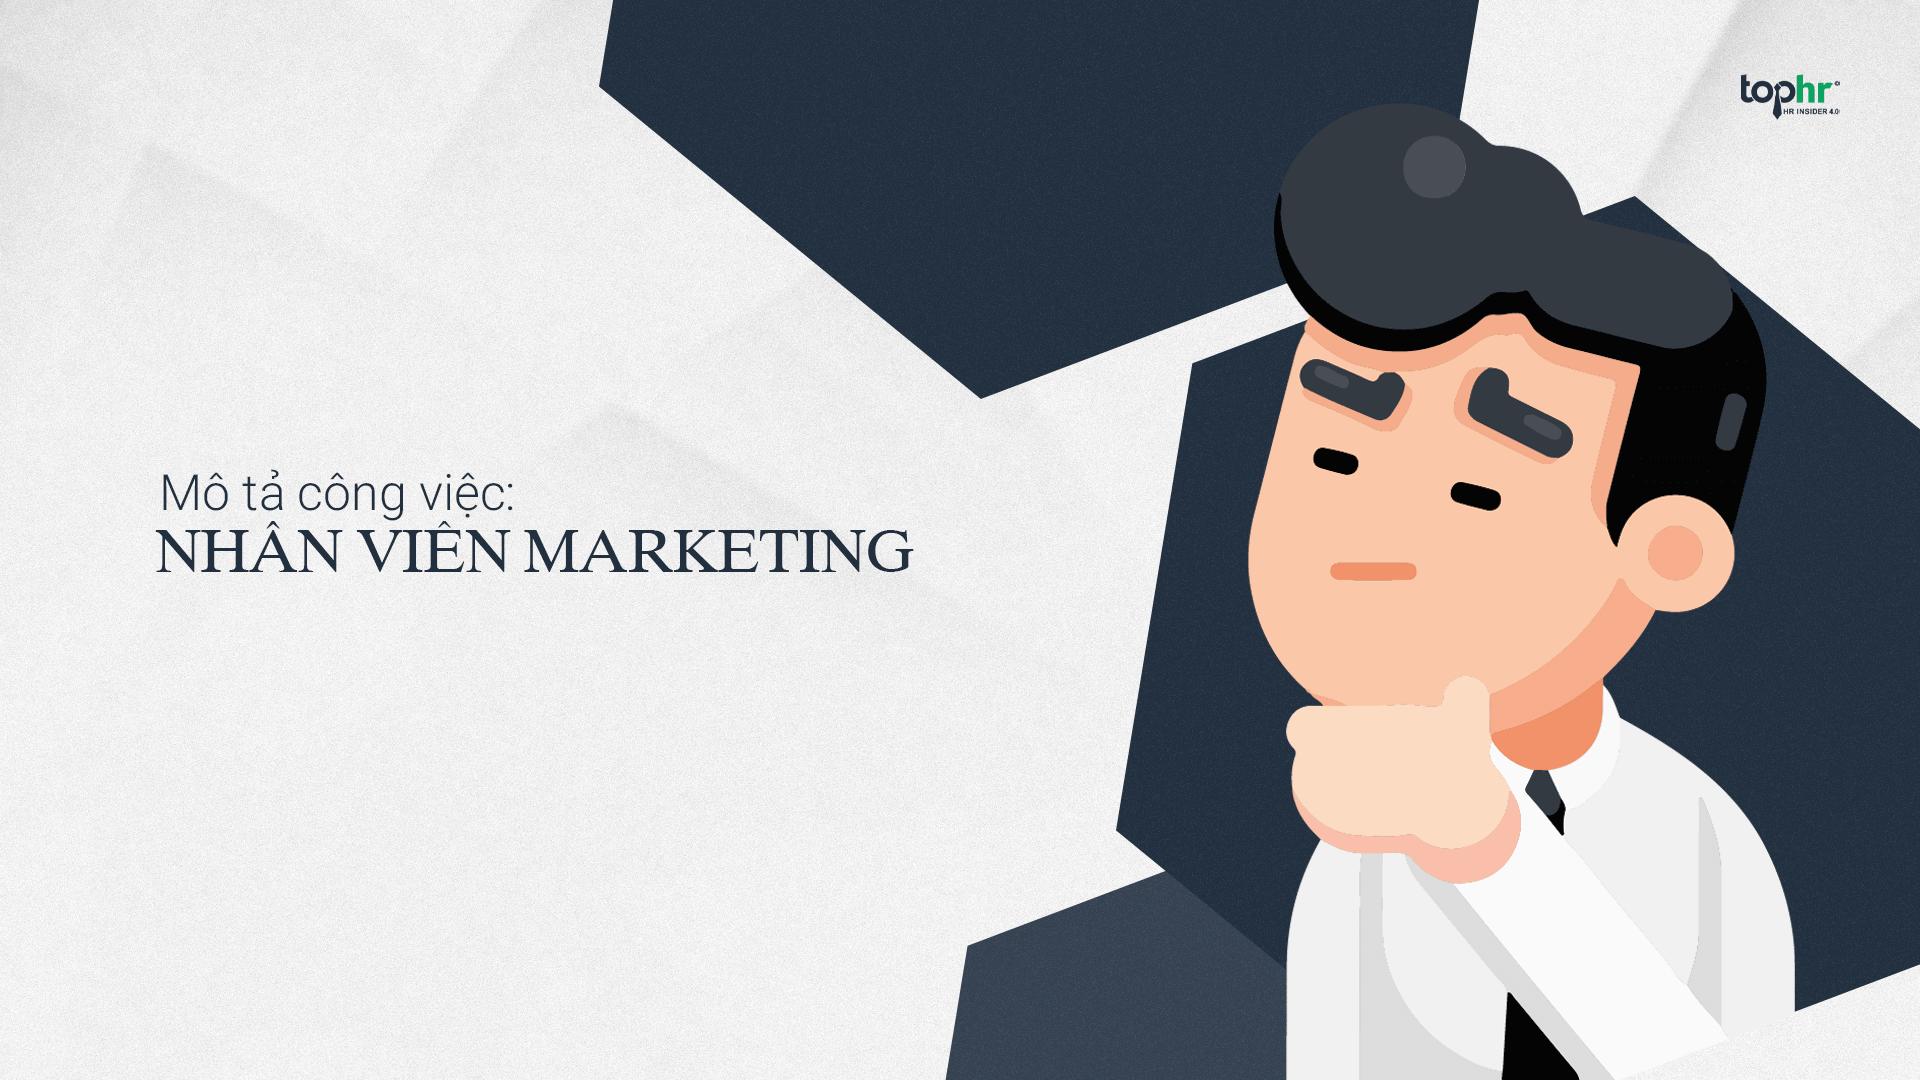 HR Insider 4.0 - Bản mô tả công việc: Nhân viên Marketing